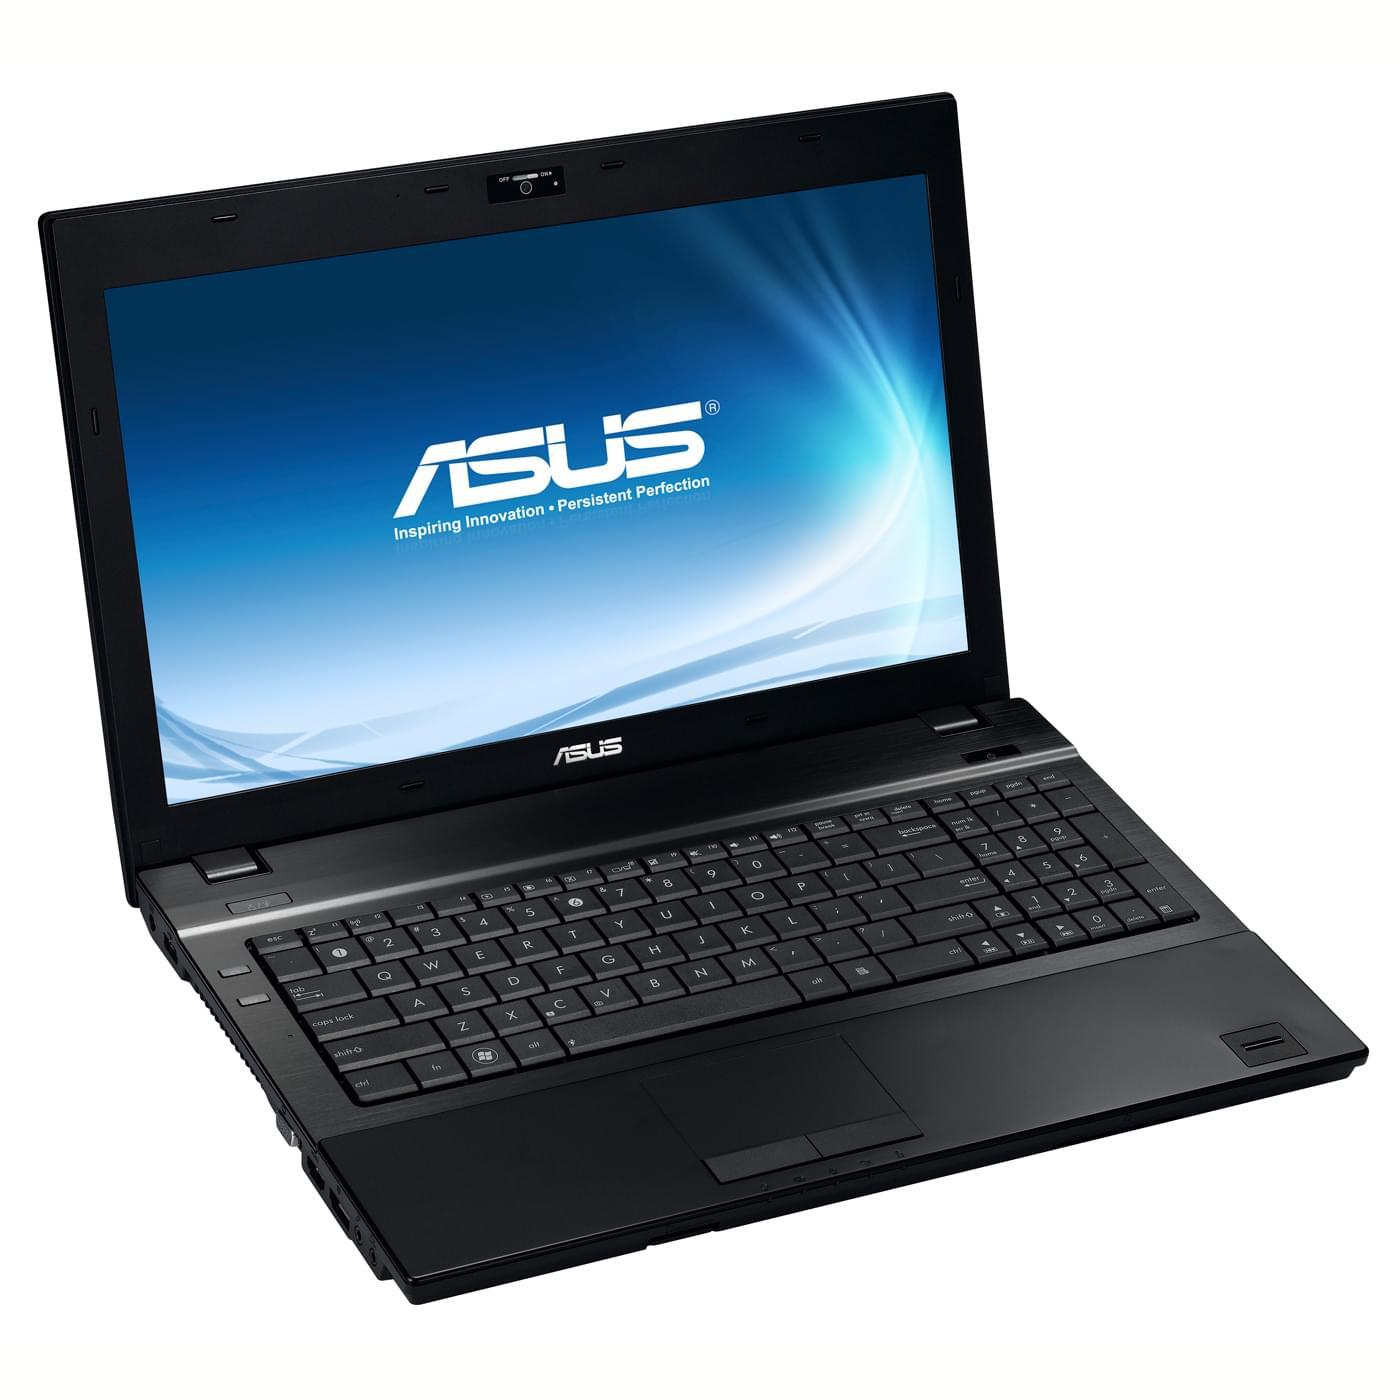 Asus B53S-SO109X - PC portable Asus - Cybertek.fr - 0